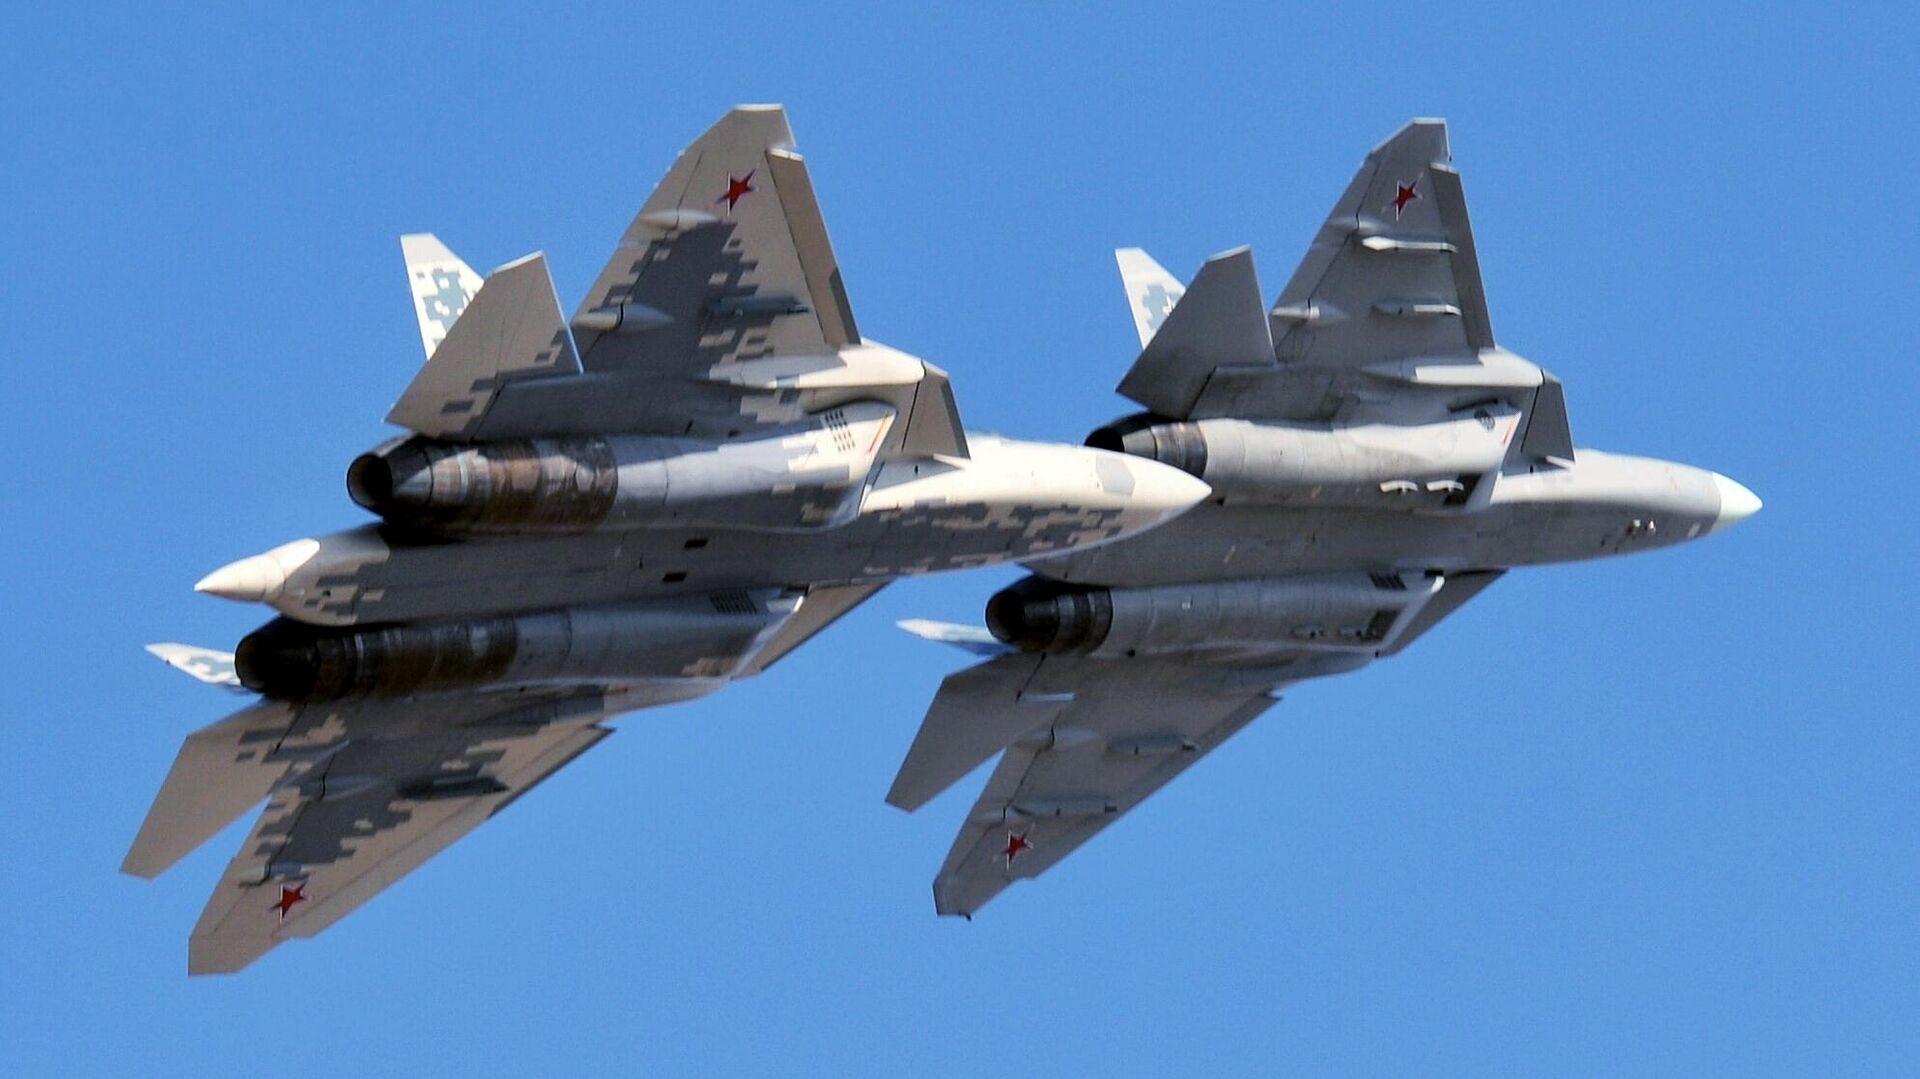 Многофункциональные истребители пятого поколения Су-57 - РИА Новости, 1920, 21.01.2021